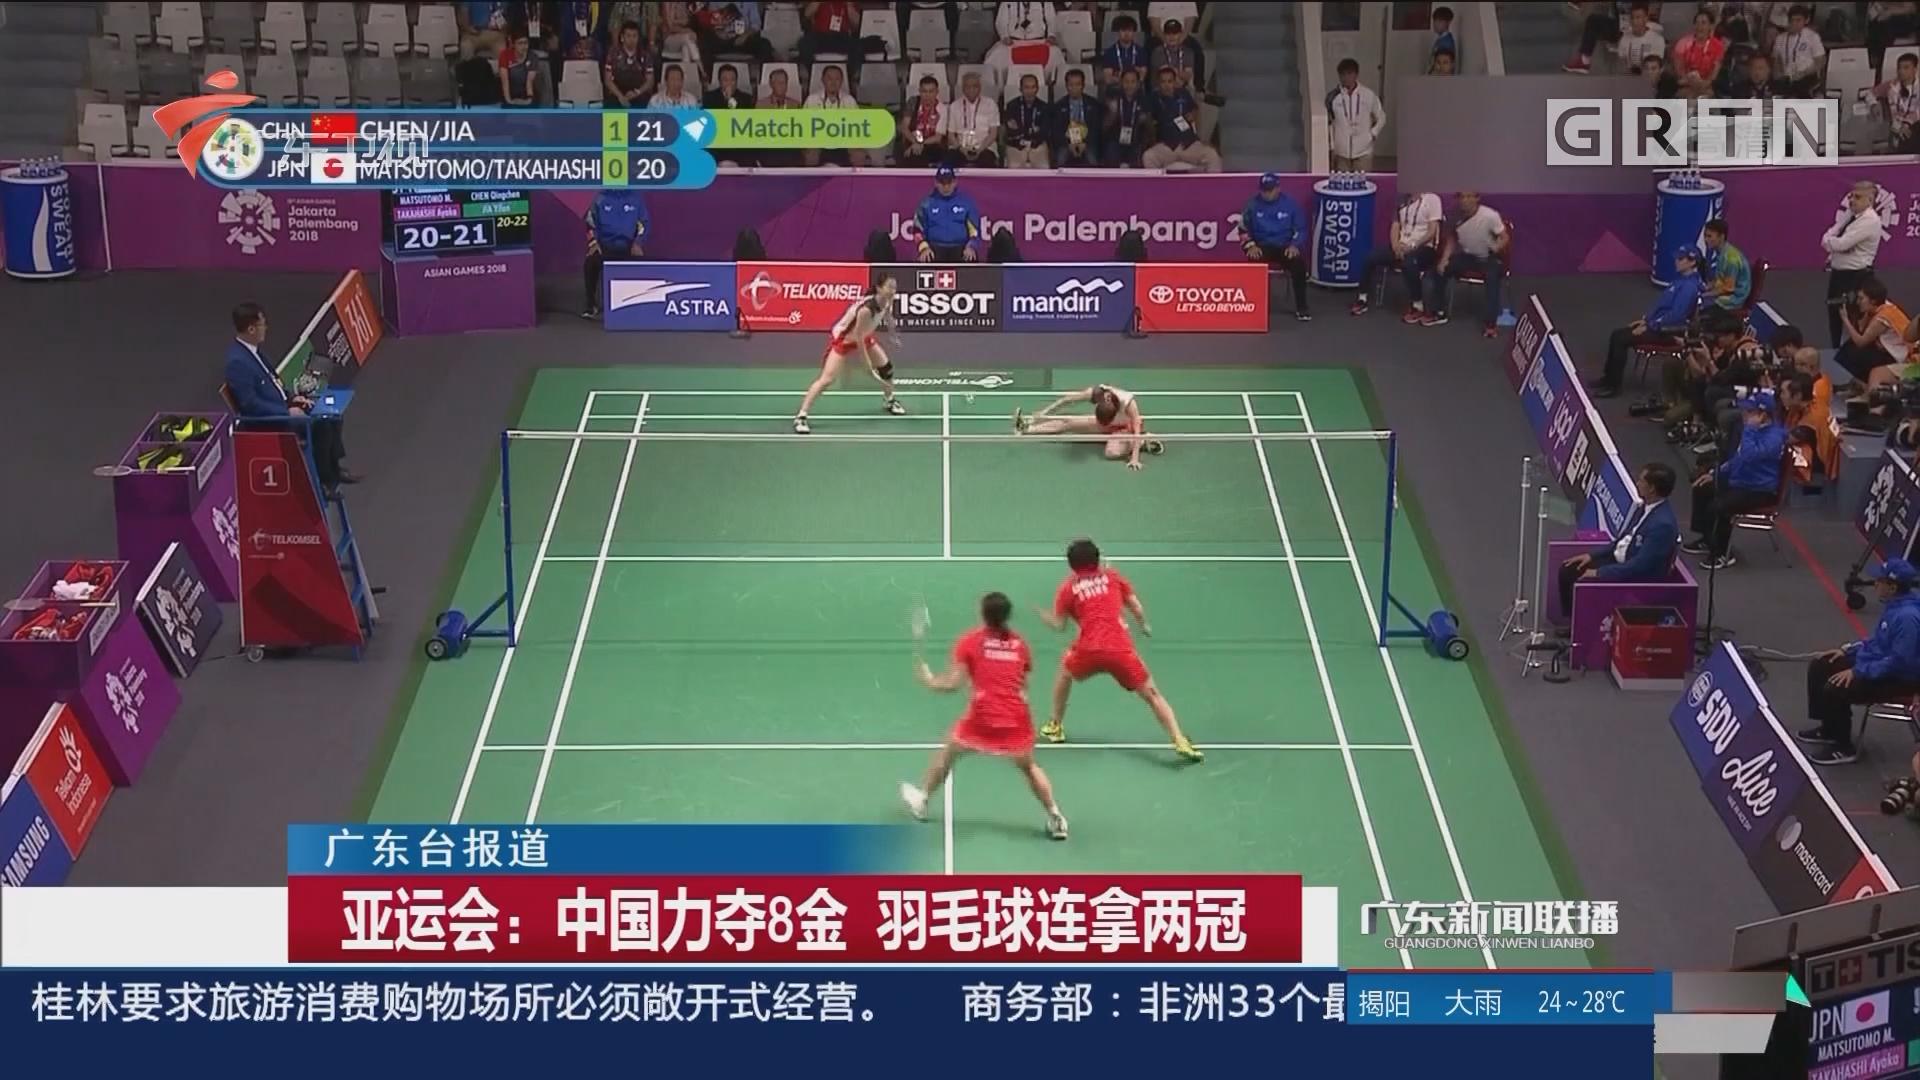 亚运会:中国力夺8金 羽毛球连拿两冠